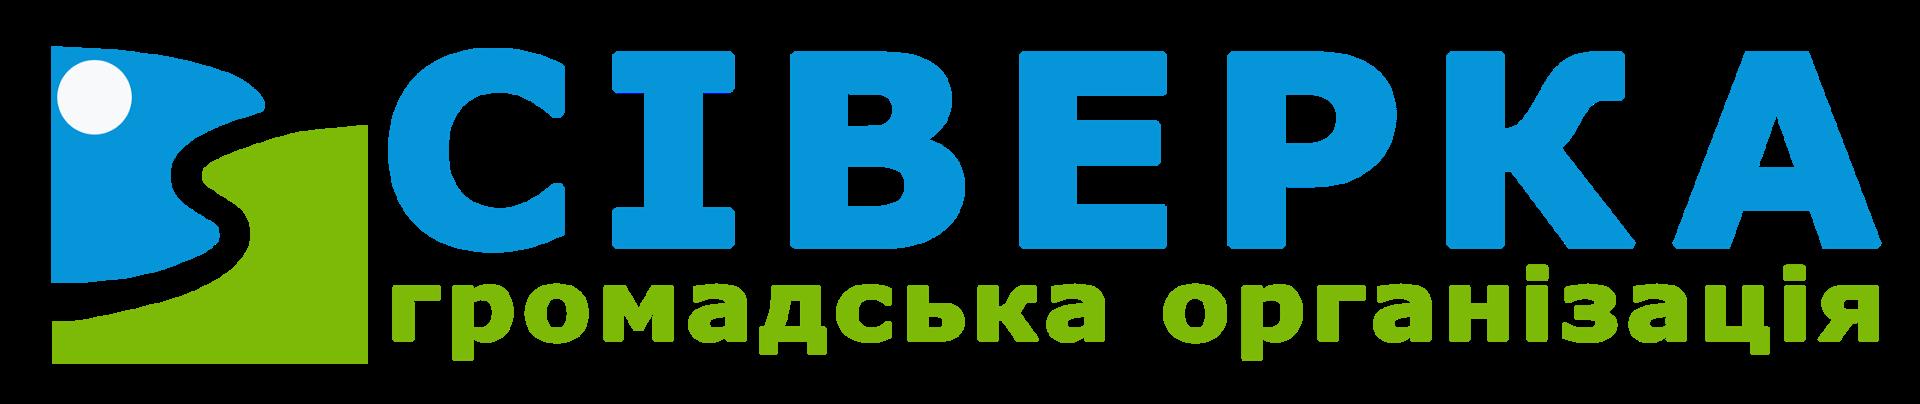 """Громадська організація """"СІВЕРКА"""""""